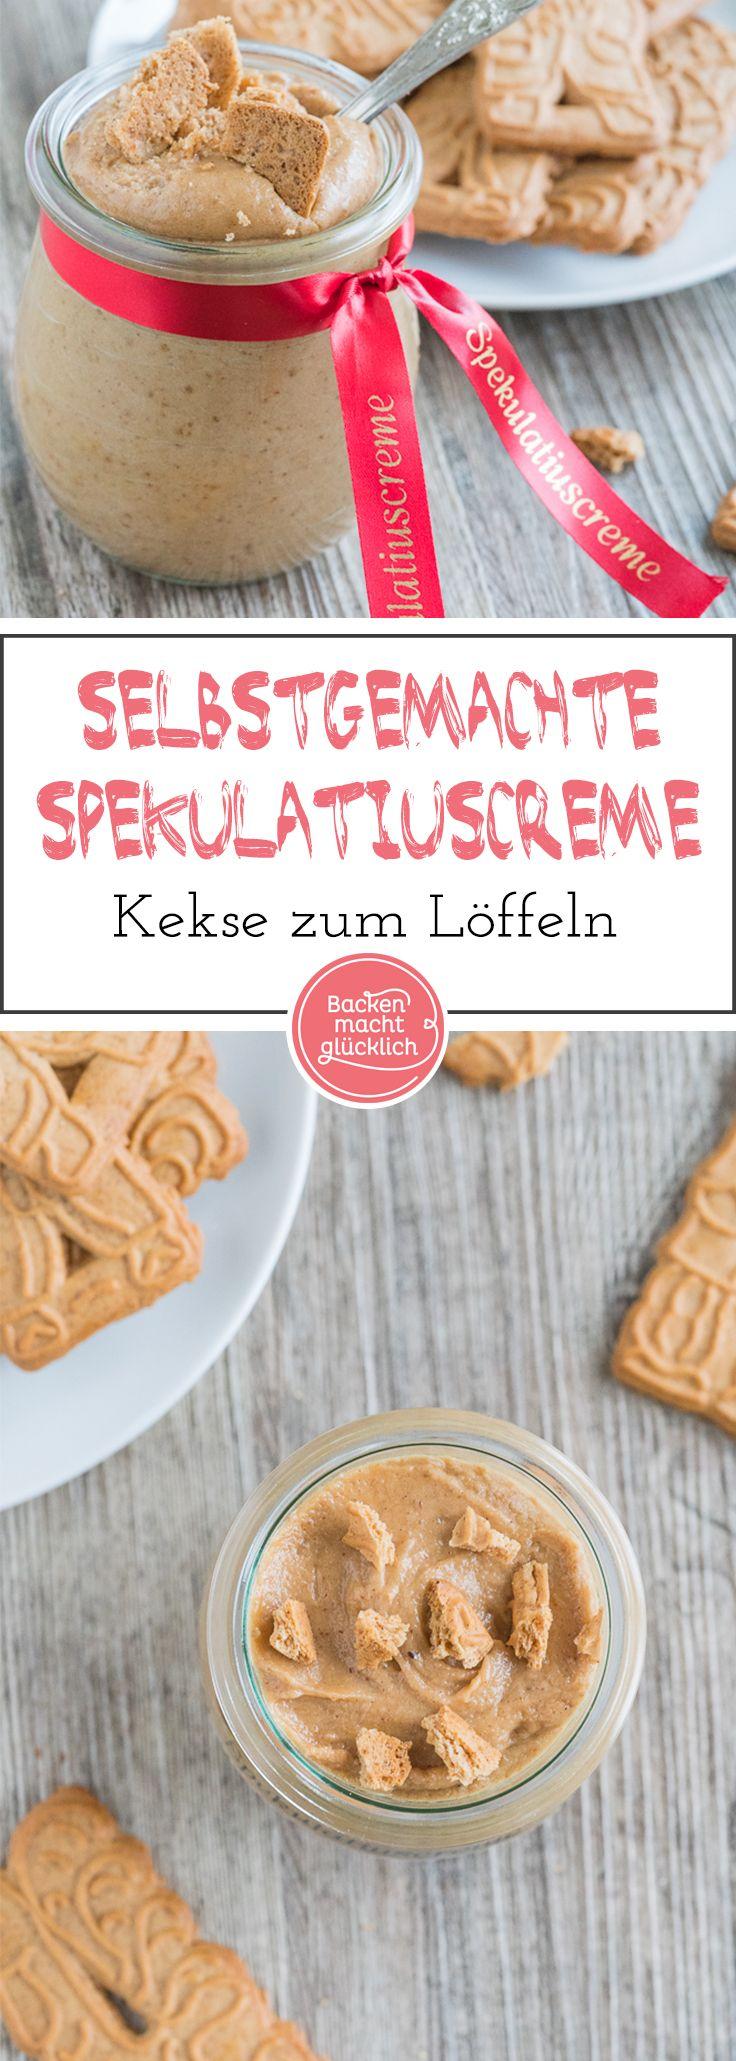 Anleitung für leckere selbstgemachte Spekulatiuscreme. Der süße Aufstrich (Kekscreme) ist schnell gemacht und lässt sich toll verschenken.